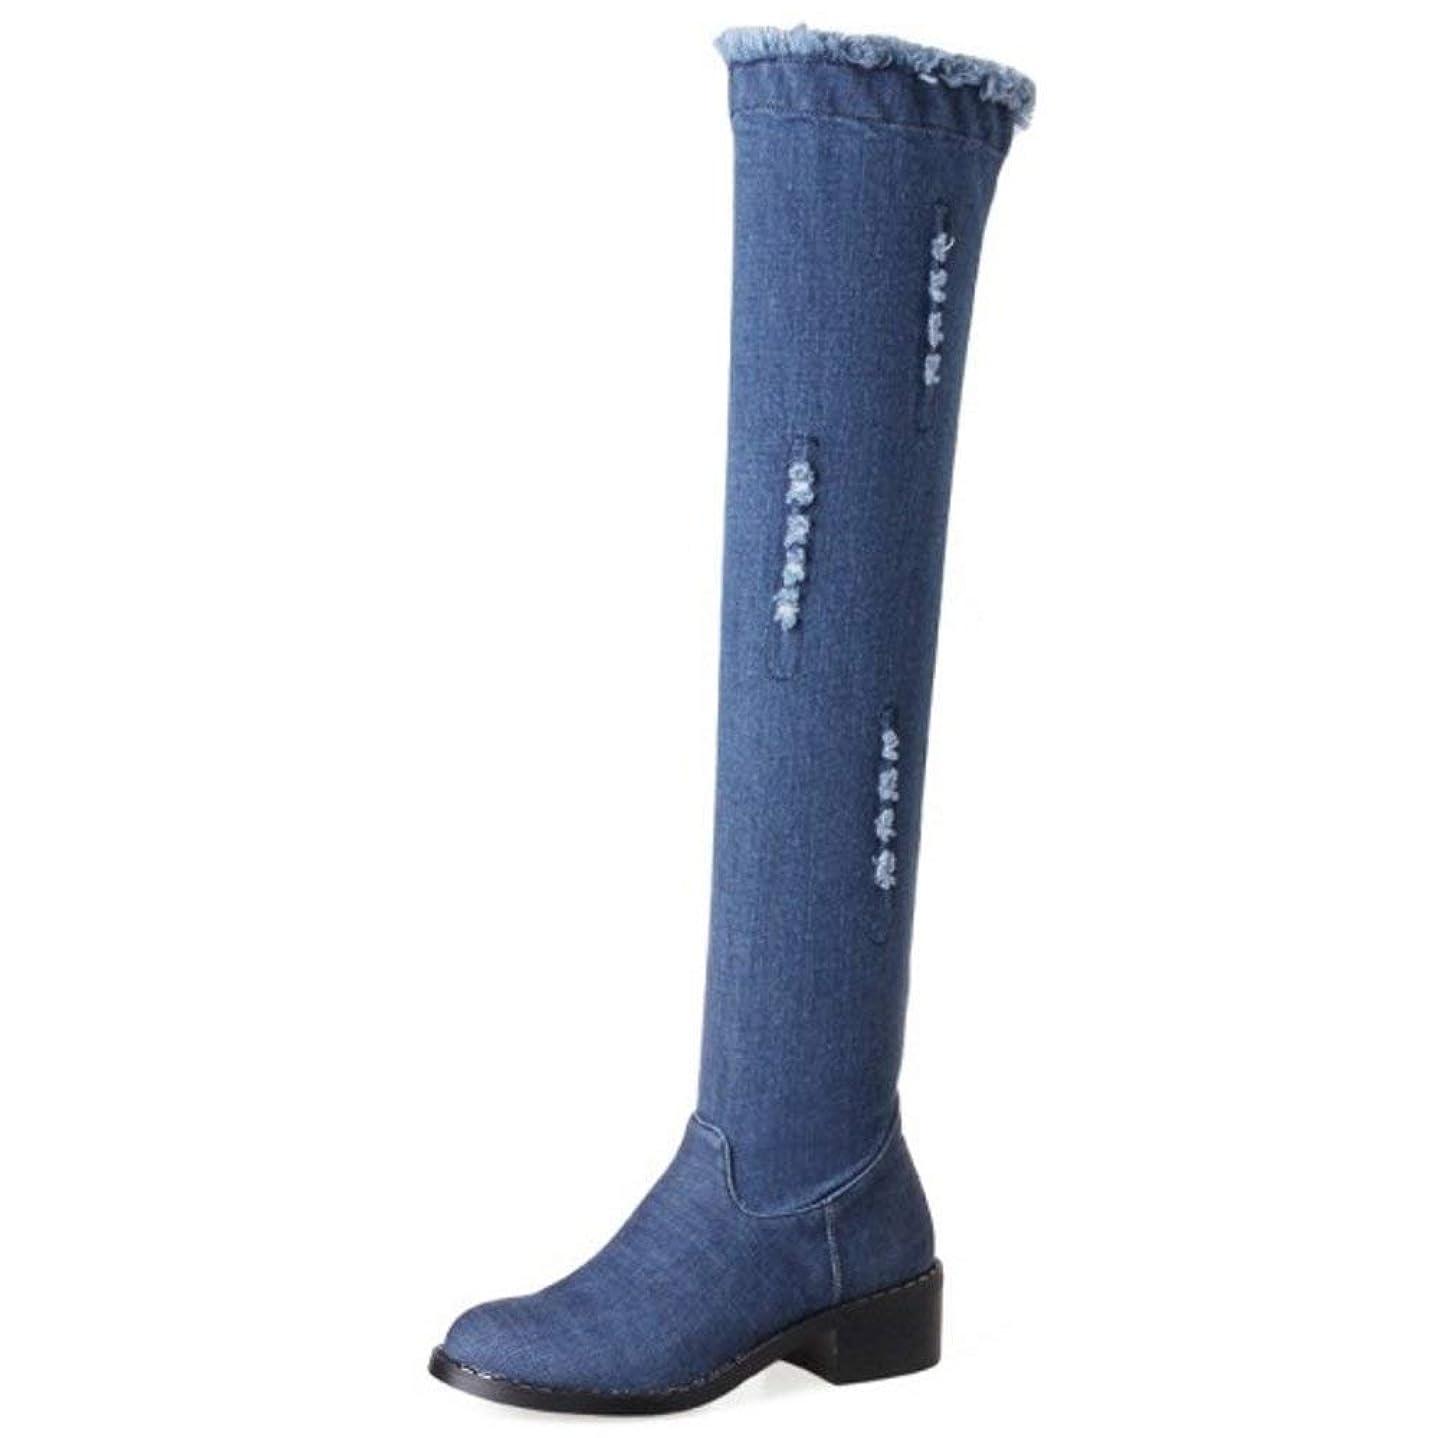 穿孔する貨物チョップ[Unm] レディーズ あき ふゆ Blue デニム Flat オーバーニー ブーツ with Ankle ジッパー